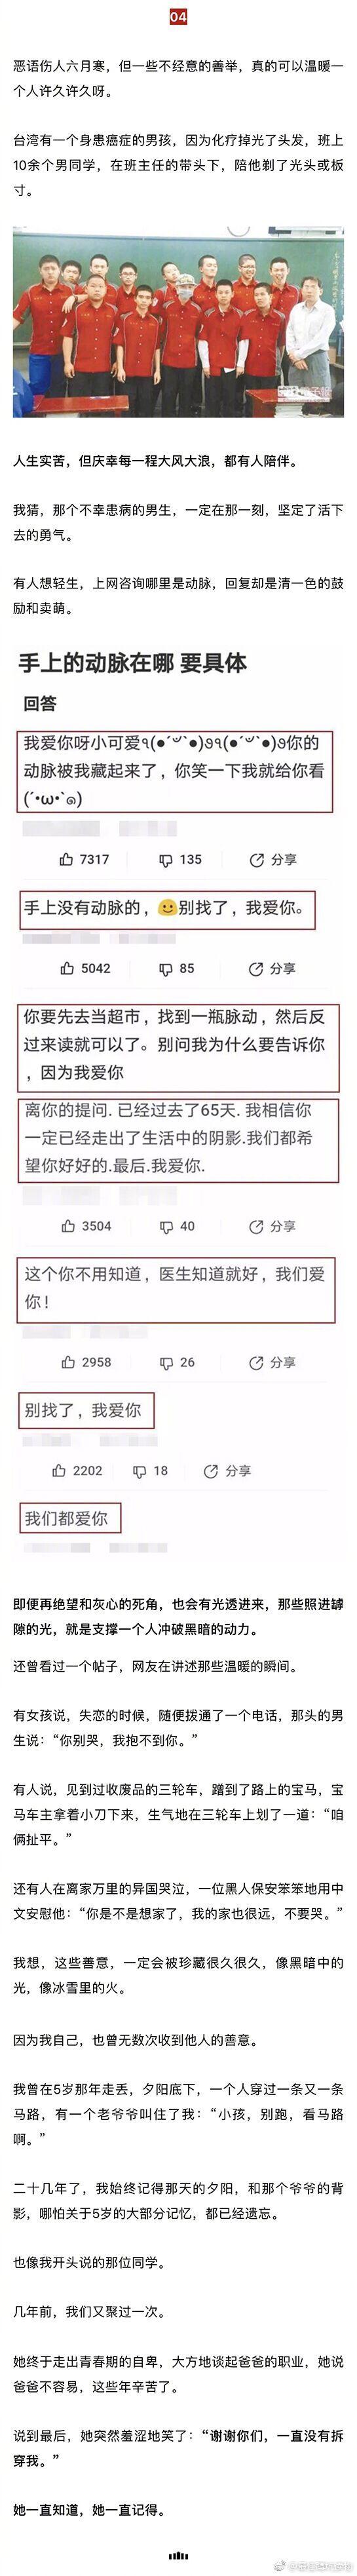 2018 青年福利微刊第 196 期:高卢雄鸡 vs 格子军团,冠军居然内定了!